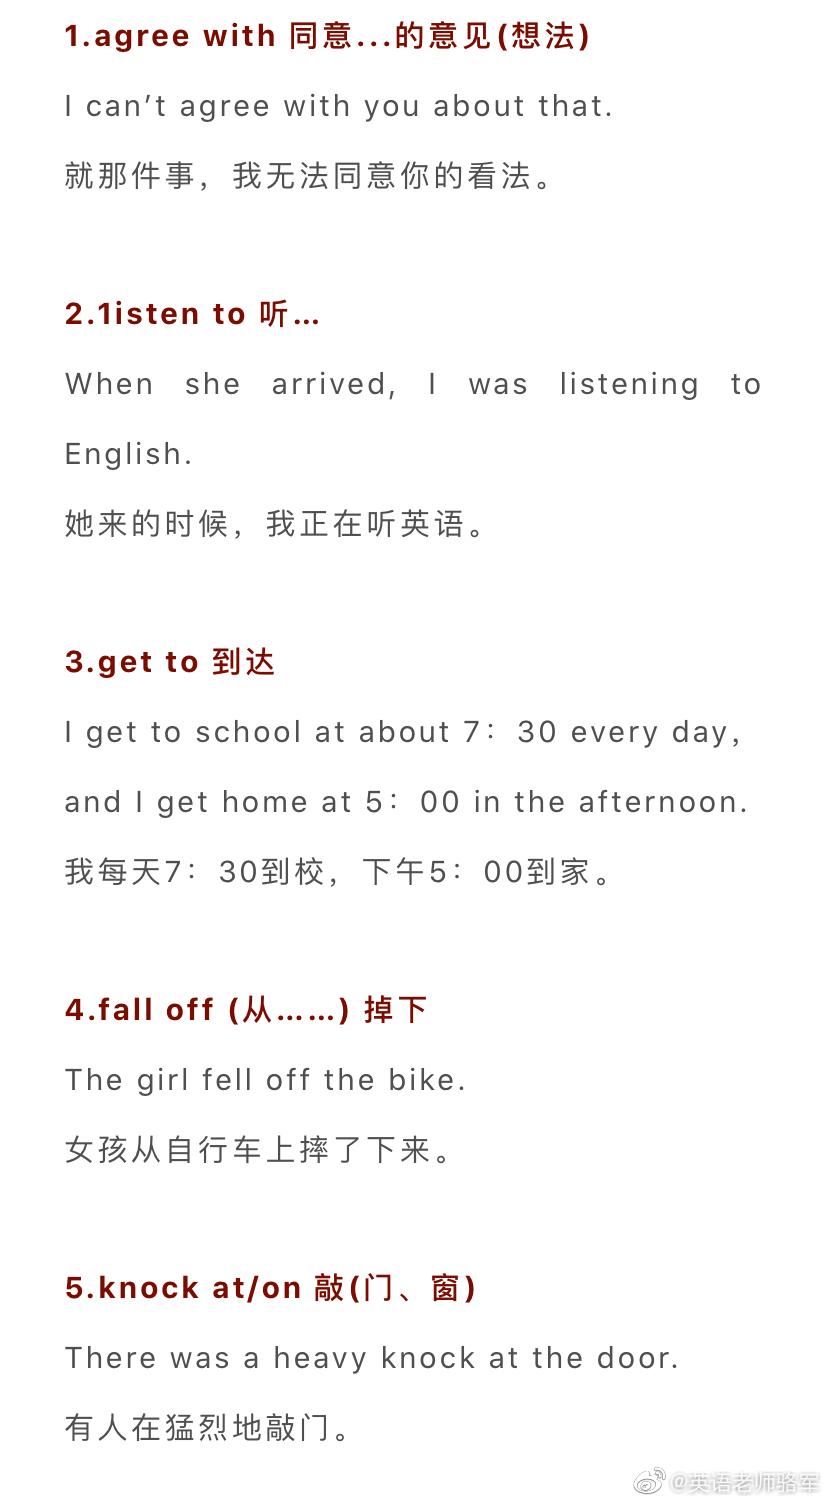 初中英语考试频率高的50句短语,一定要熟记哦! @微博教育